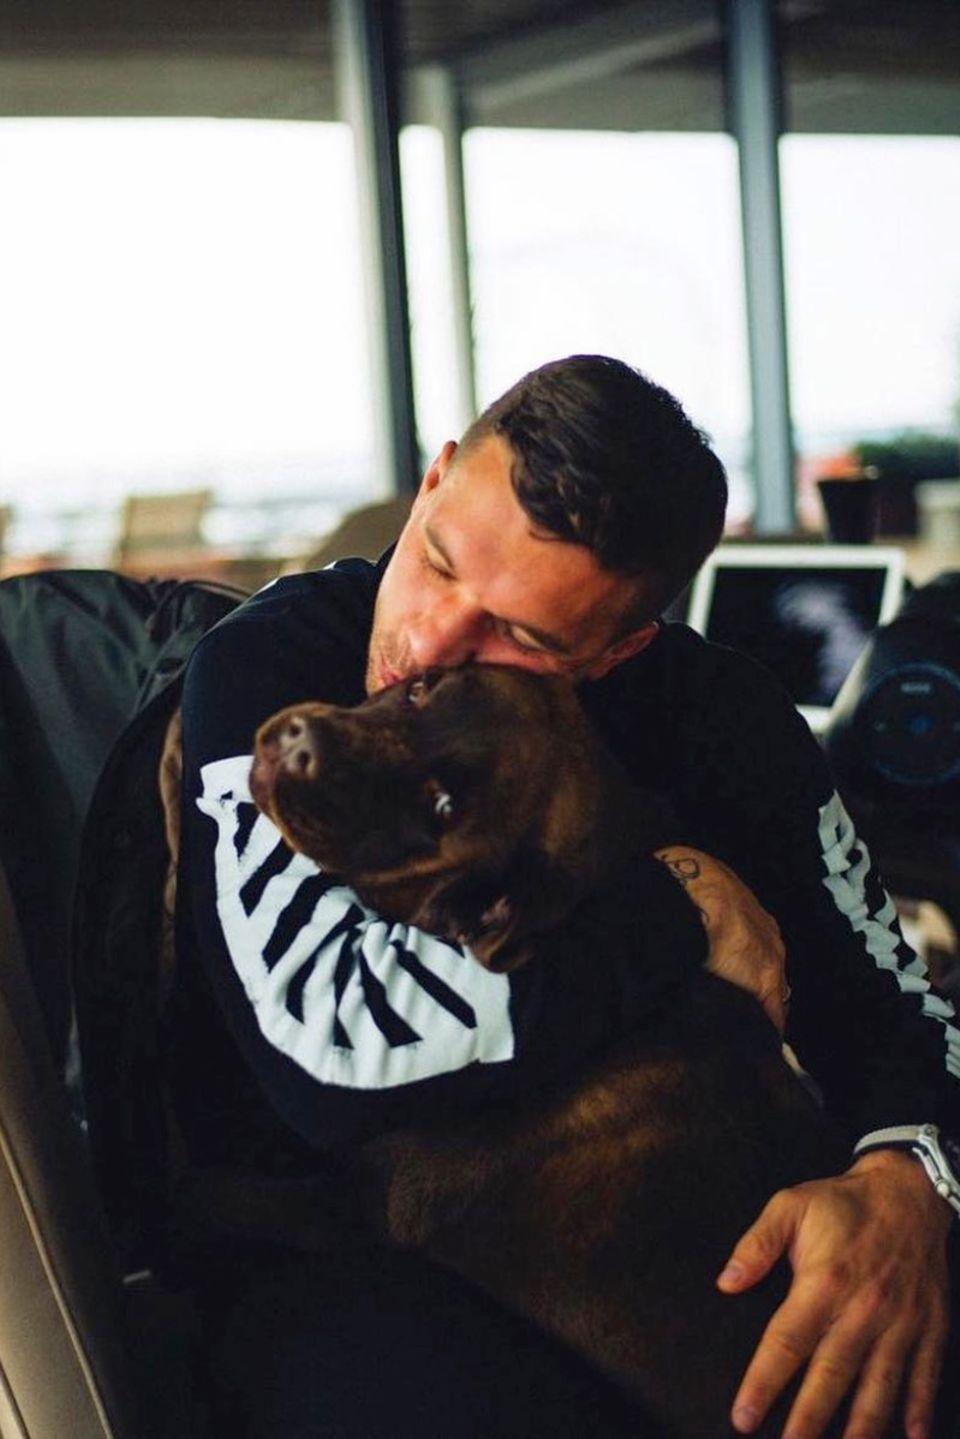 """Lukas Podolski schenkt seinem schokobraunen Labrador regelmäßigeine Knuddeleinheit. Wie süß das aussieht, zeigt er uns auf seinem neuesten Instagram-Posting. Dazu schreibt der Fußball-Star: """"Wer kann da widerstehen?"""" – wir könnten es jedenfalls auch nicht."""